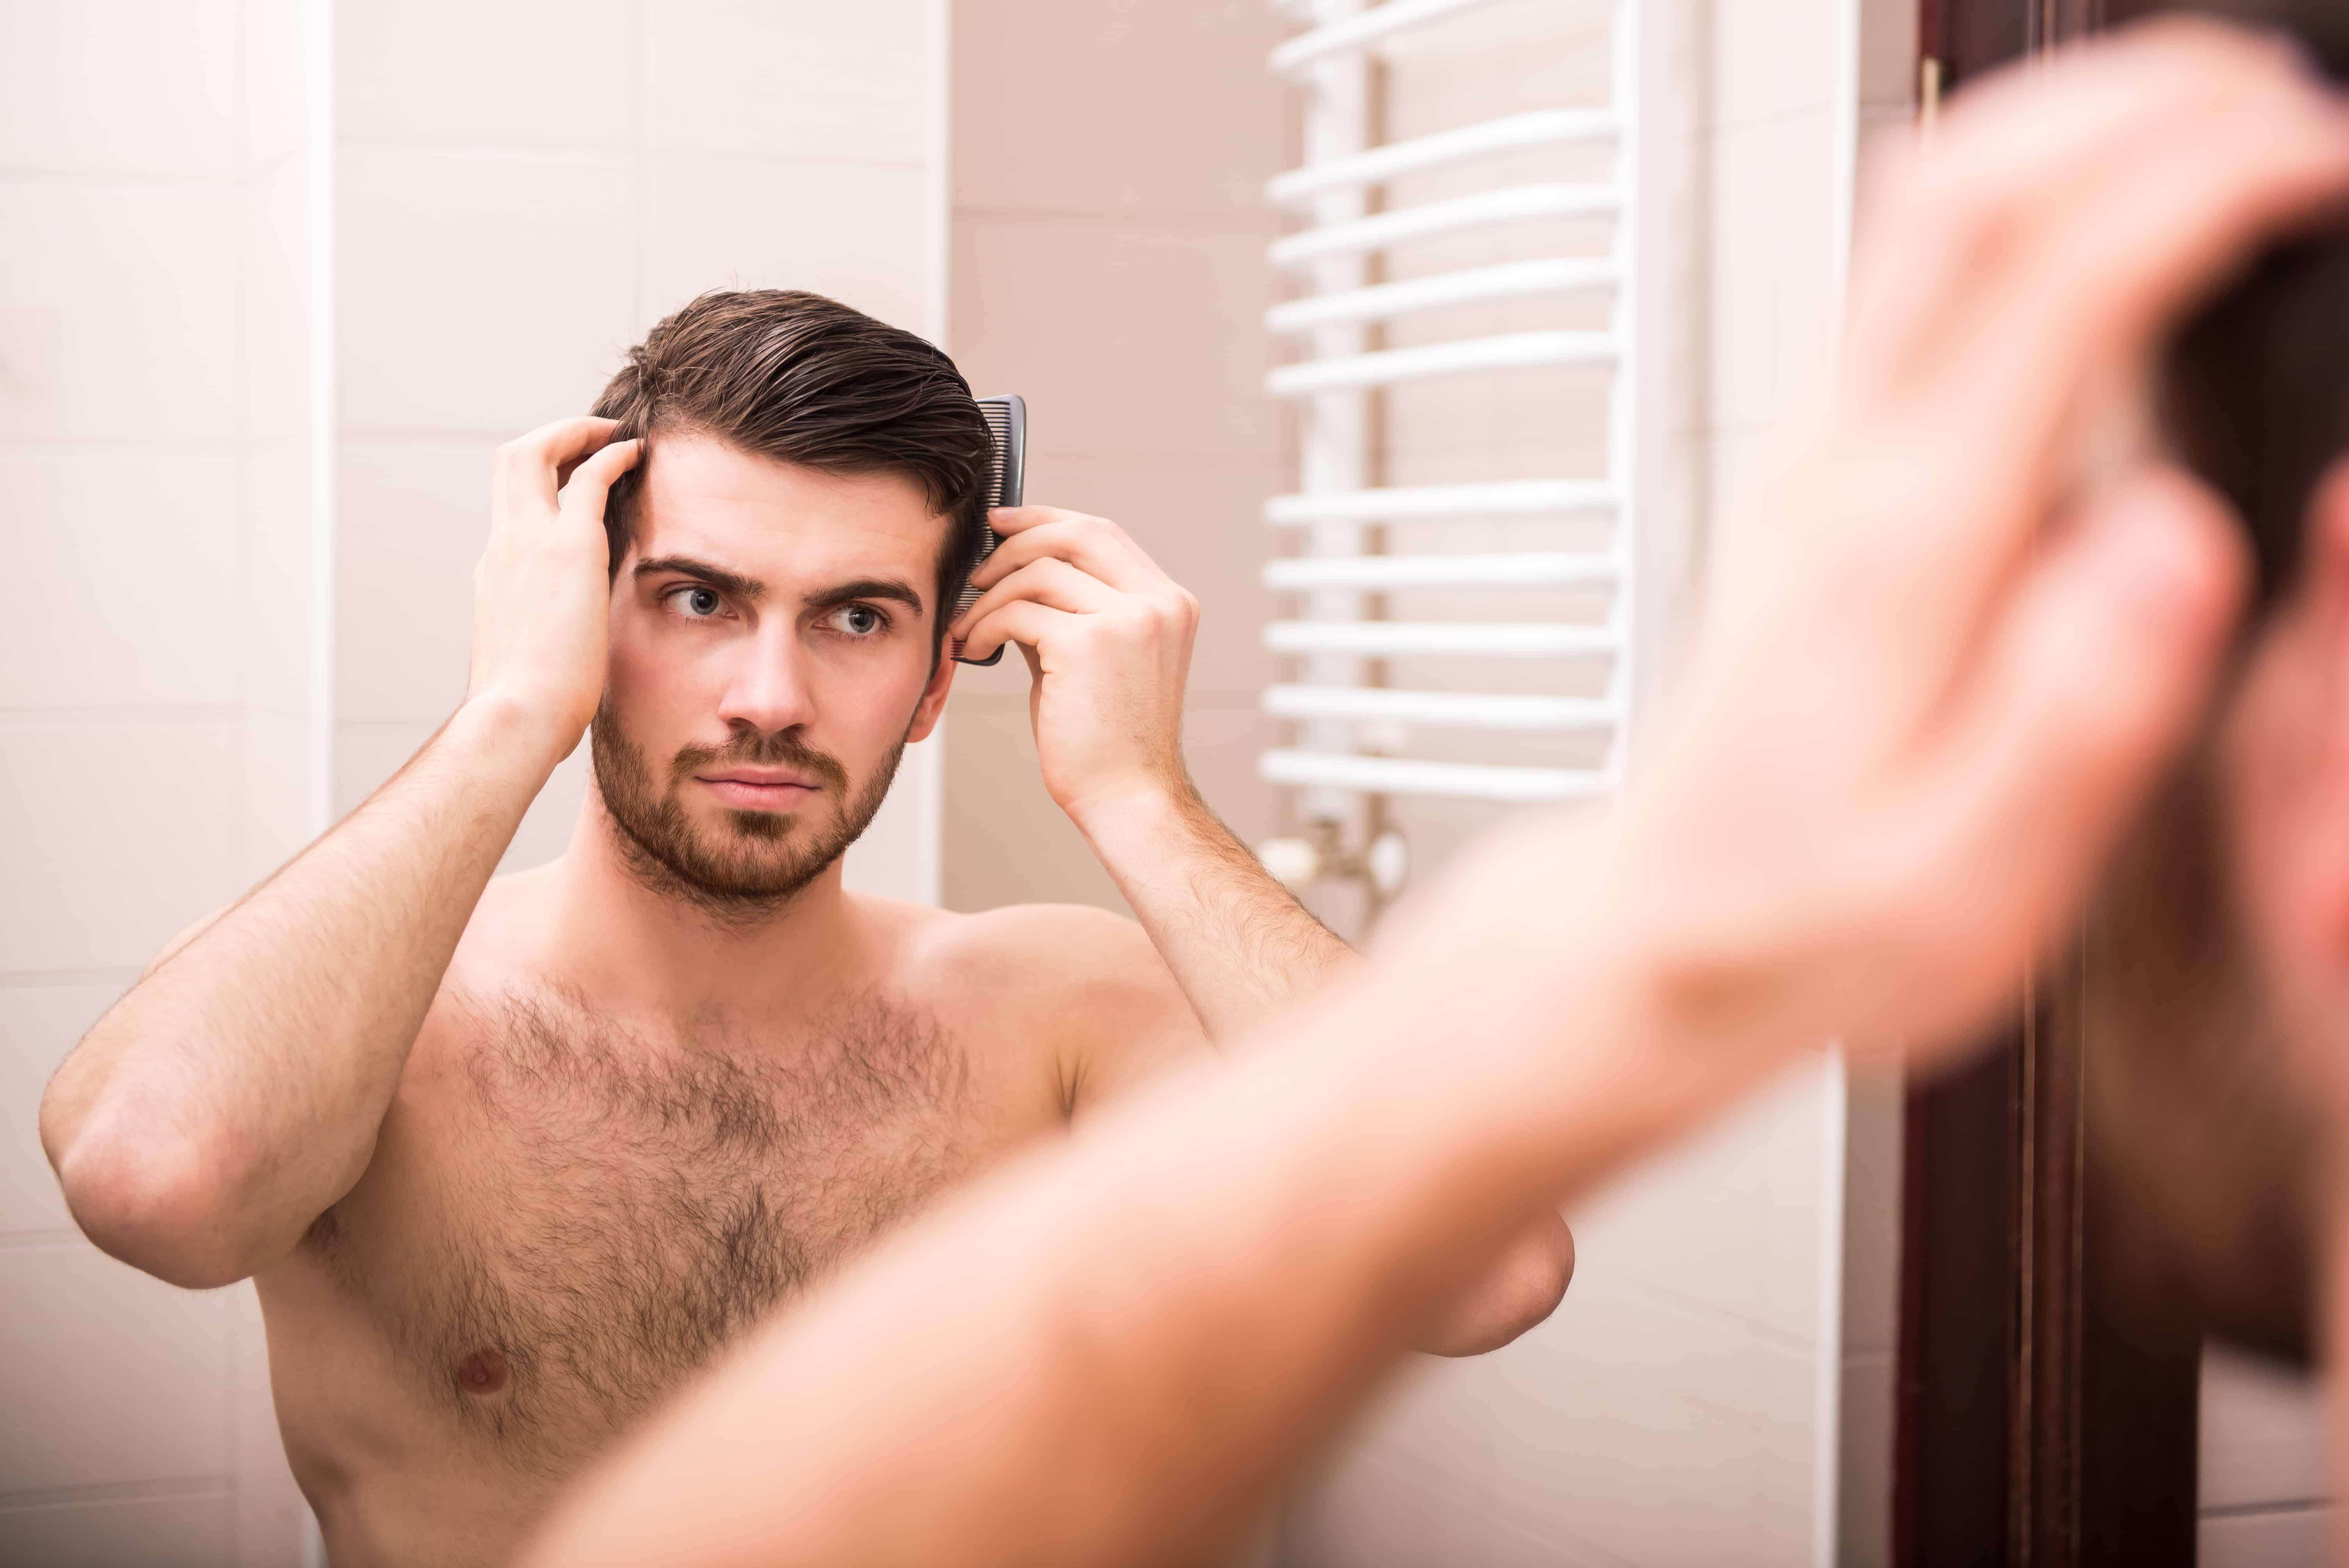 髪をセットする鏡に映った男性